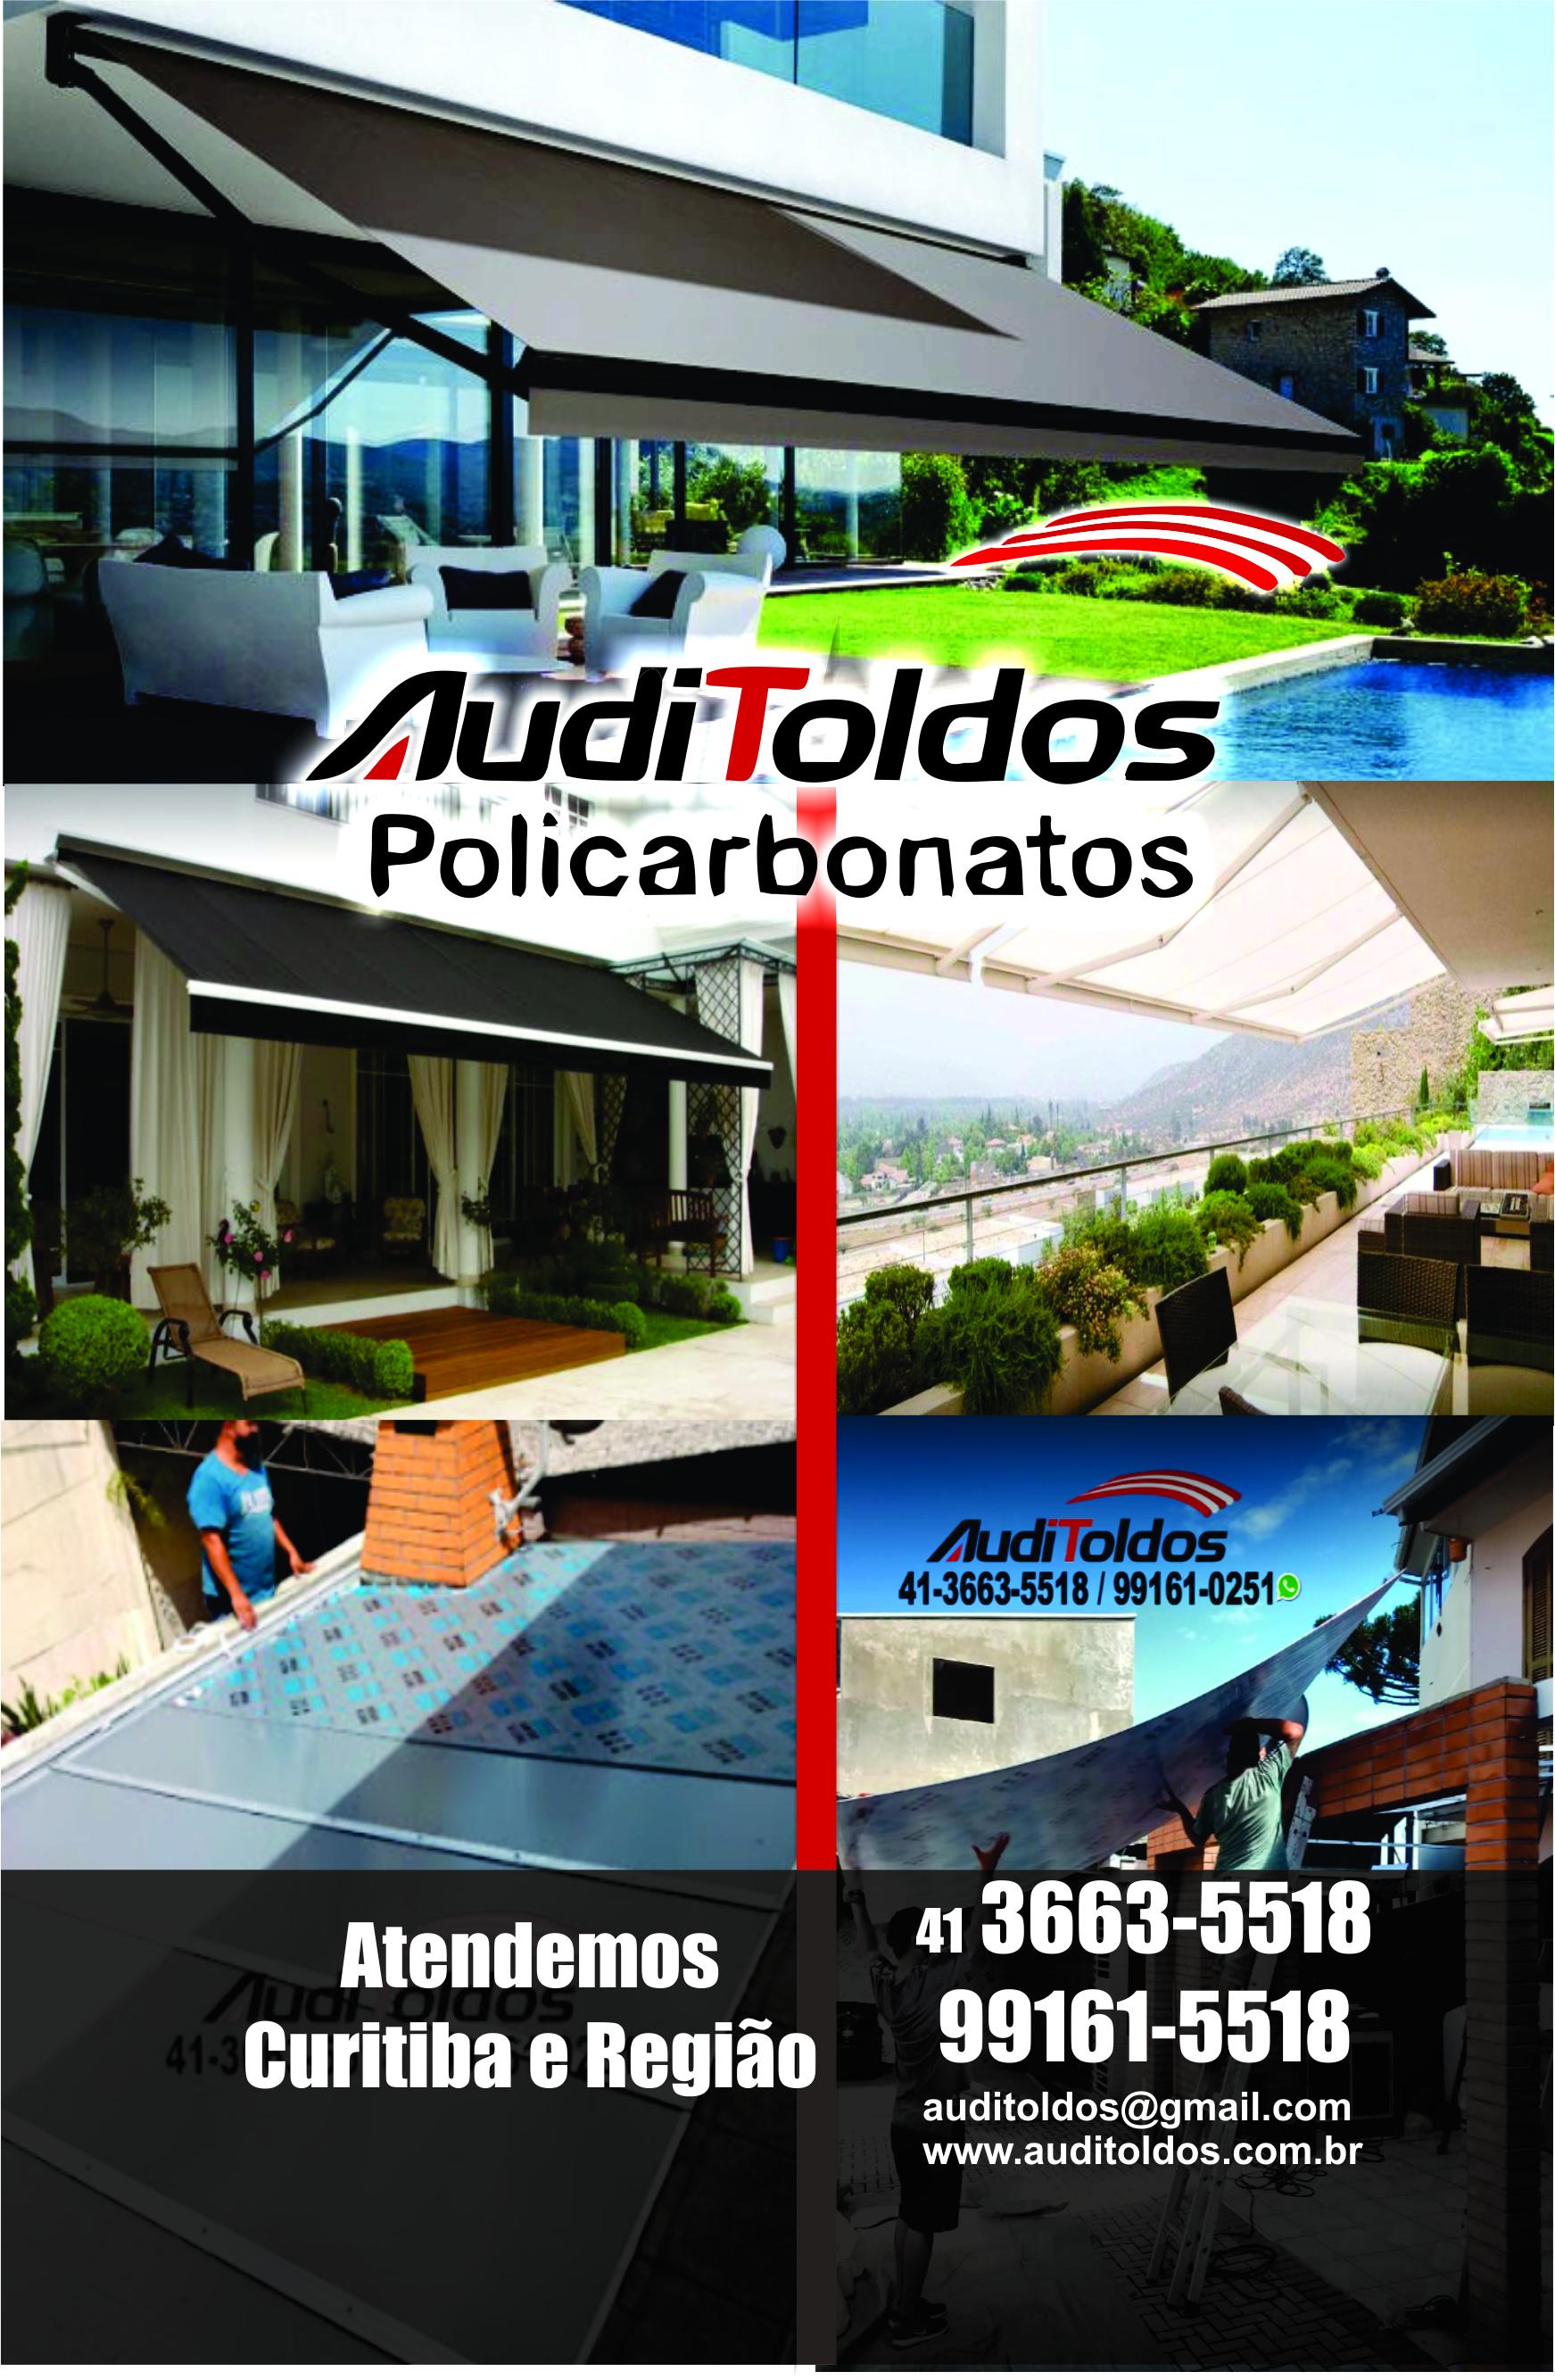 Audi Toldos      Fones: (41)98406-0251